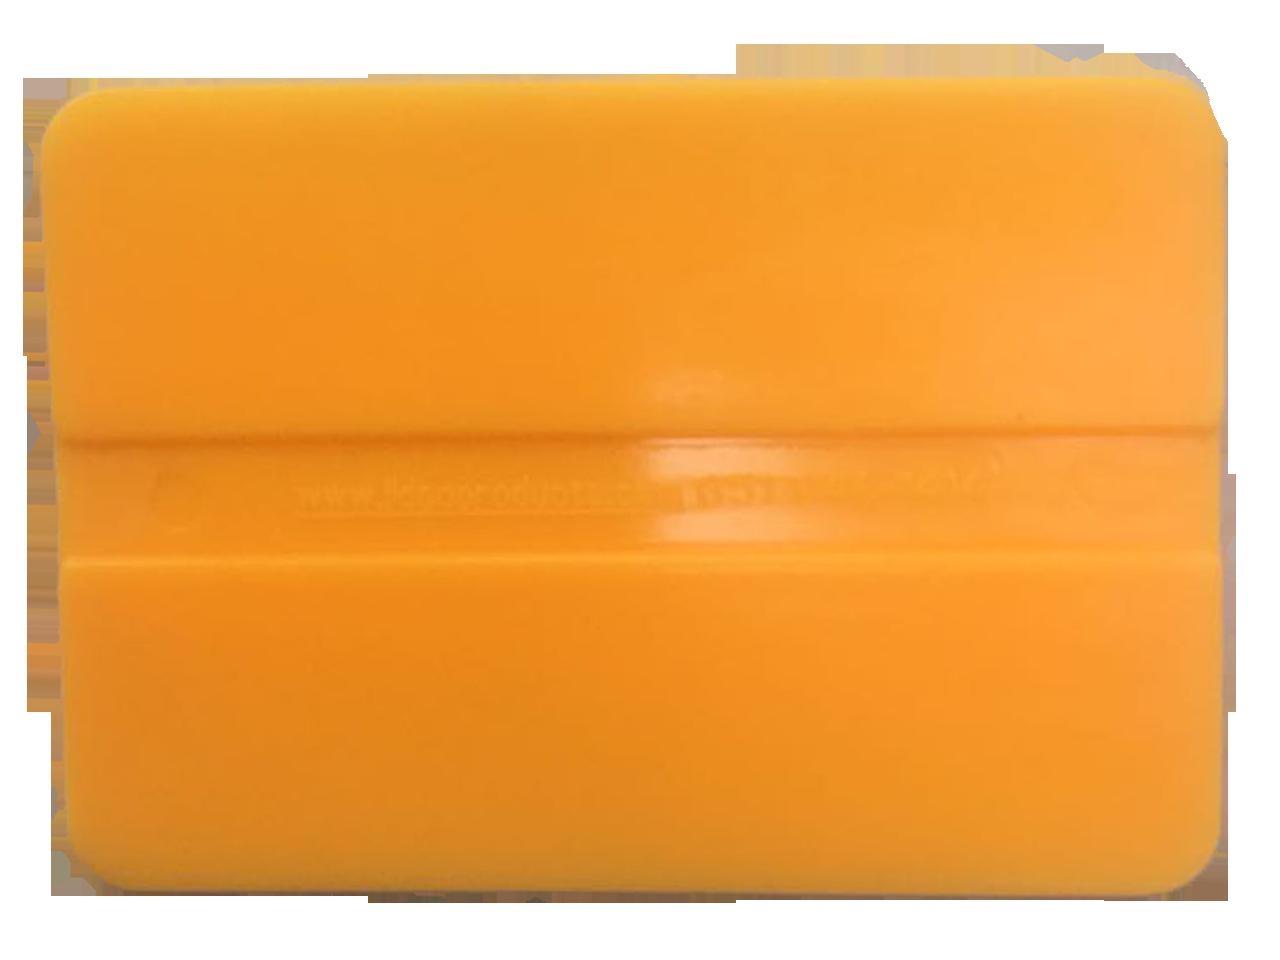 Película Profissional de Controle Solar TLV 5, 20, 35 e 50. Cores Disponíveis: Preto, Verde Oliva, Verde Floresta, Charcoal e Grafite (10 Rolo de 1,52m X 15m).